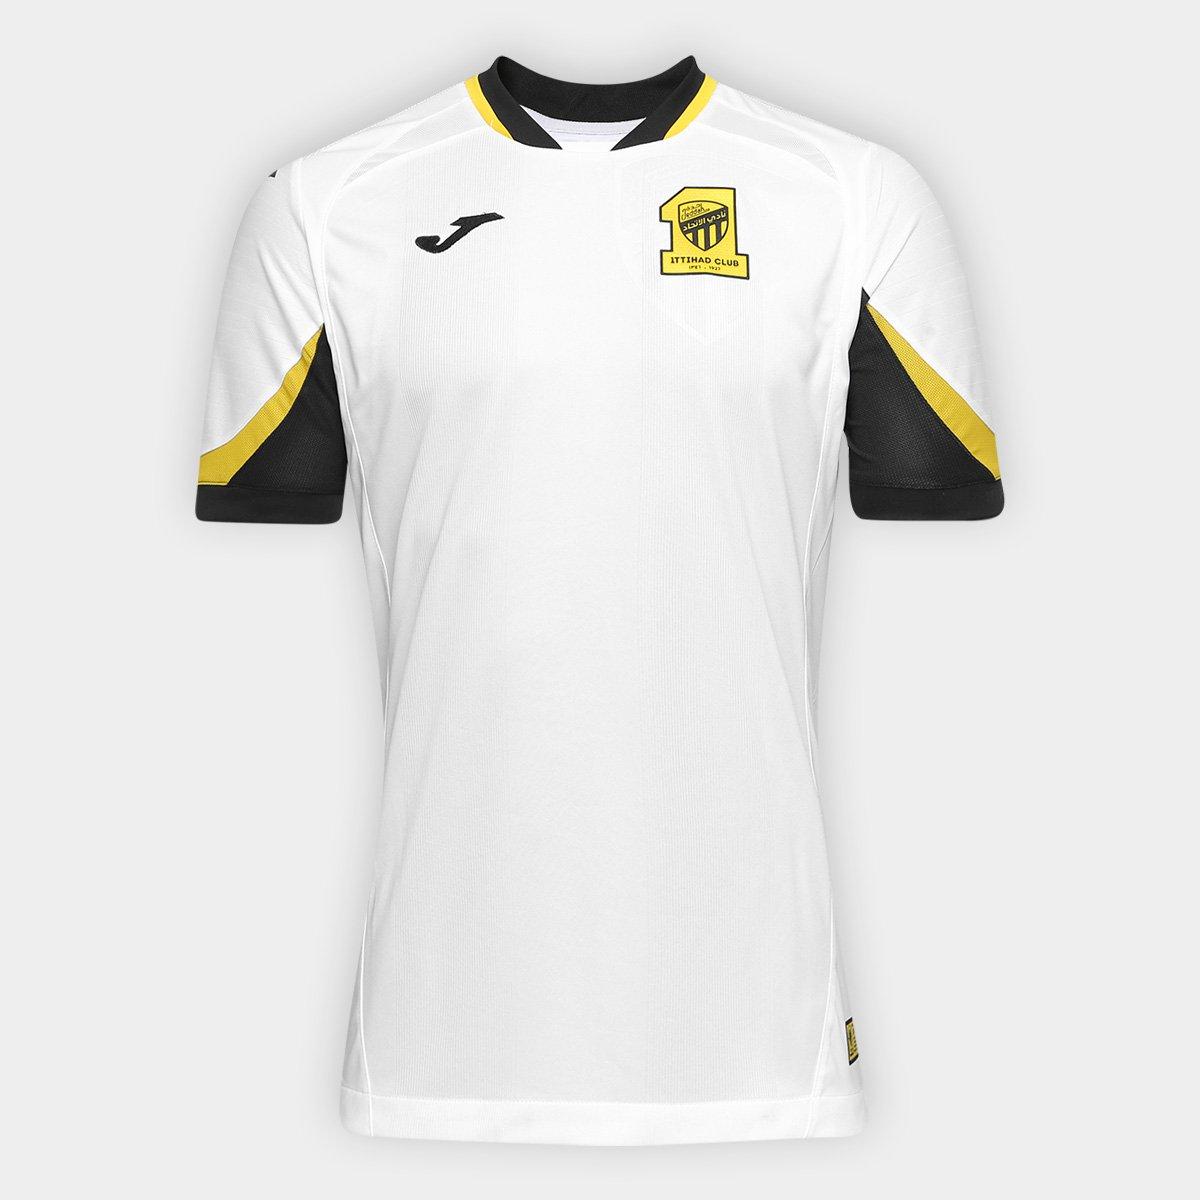 33a54afeddd8f Camisa Ittihad Away 17 18 s n°- Torcedor Joma Masculina